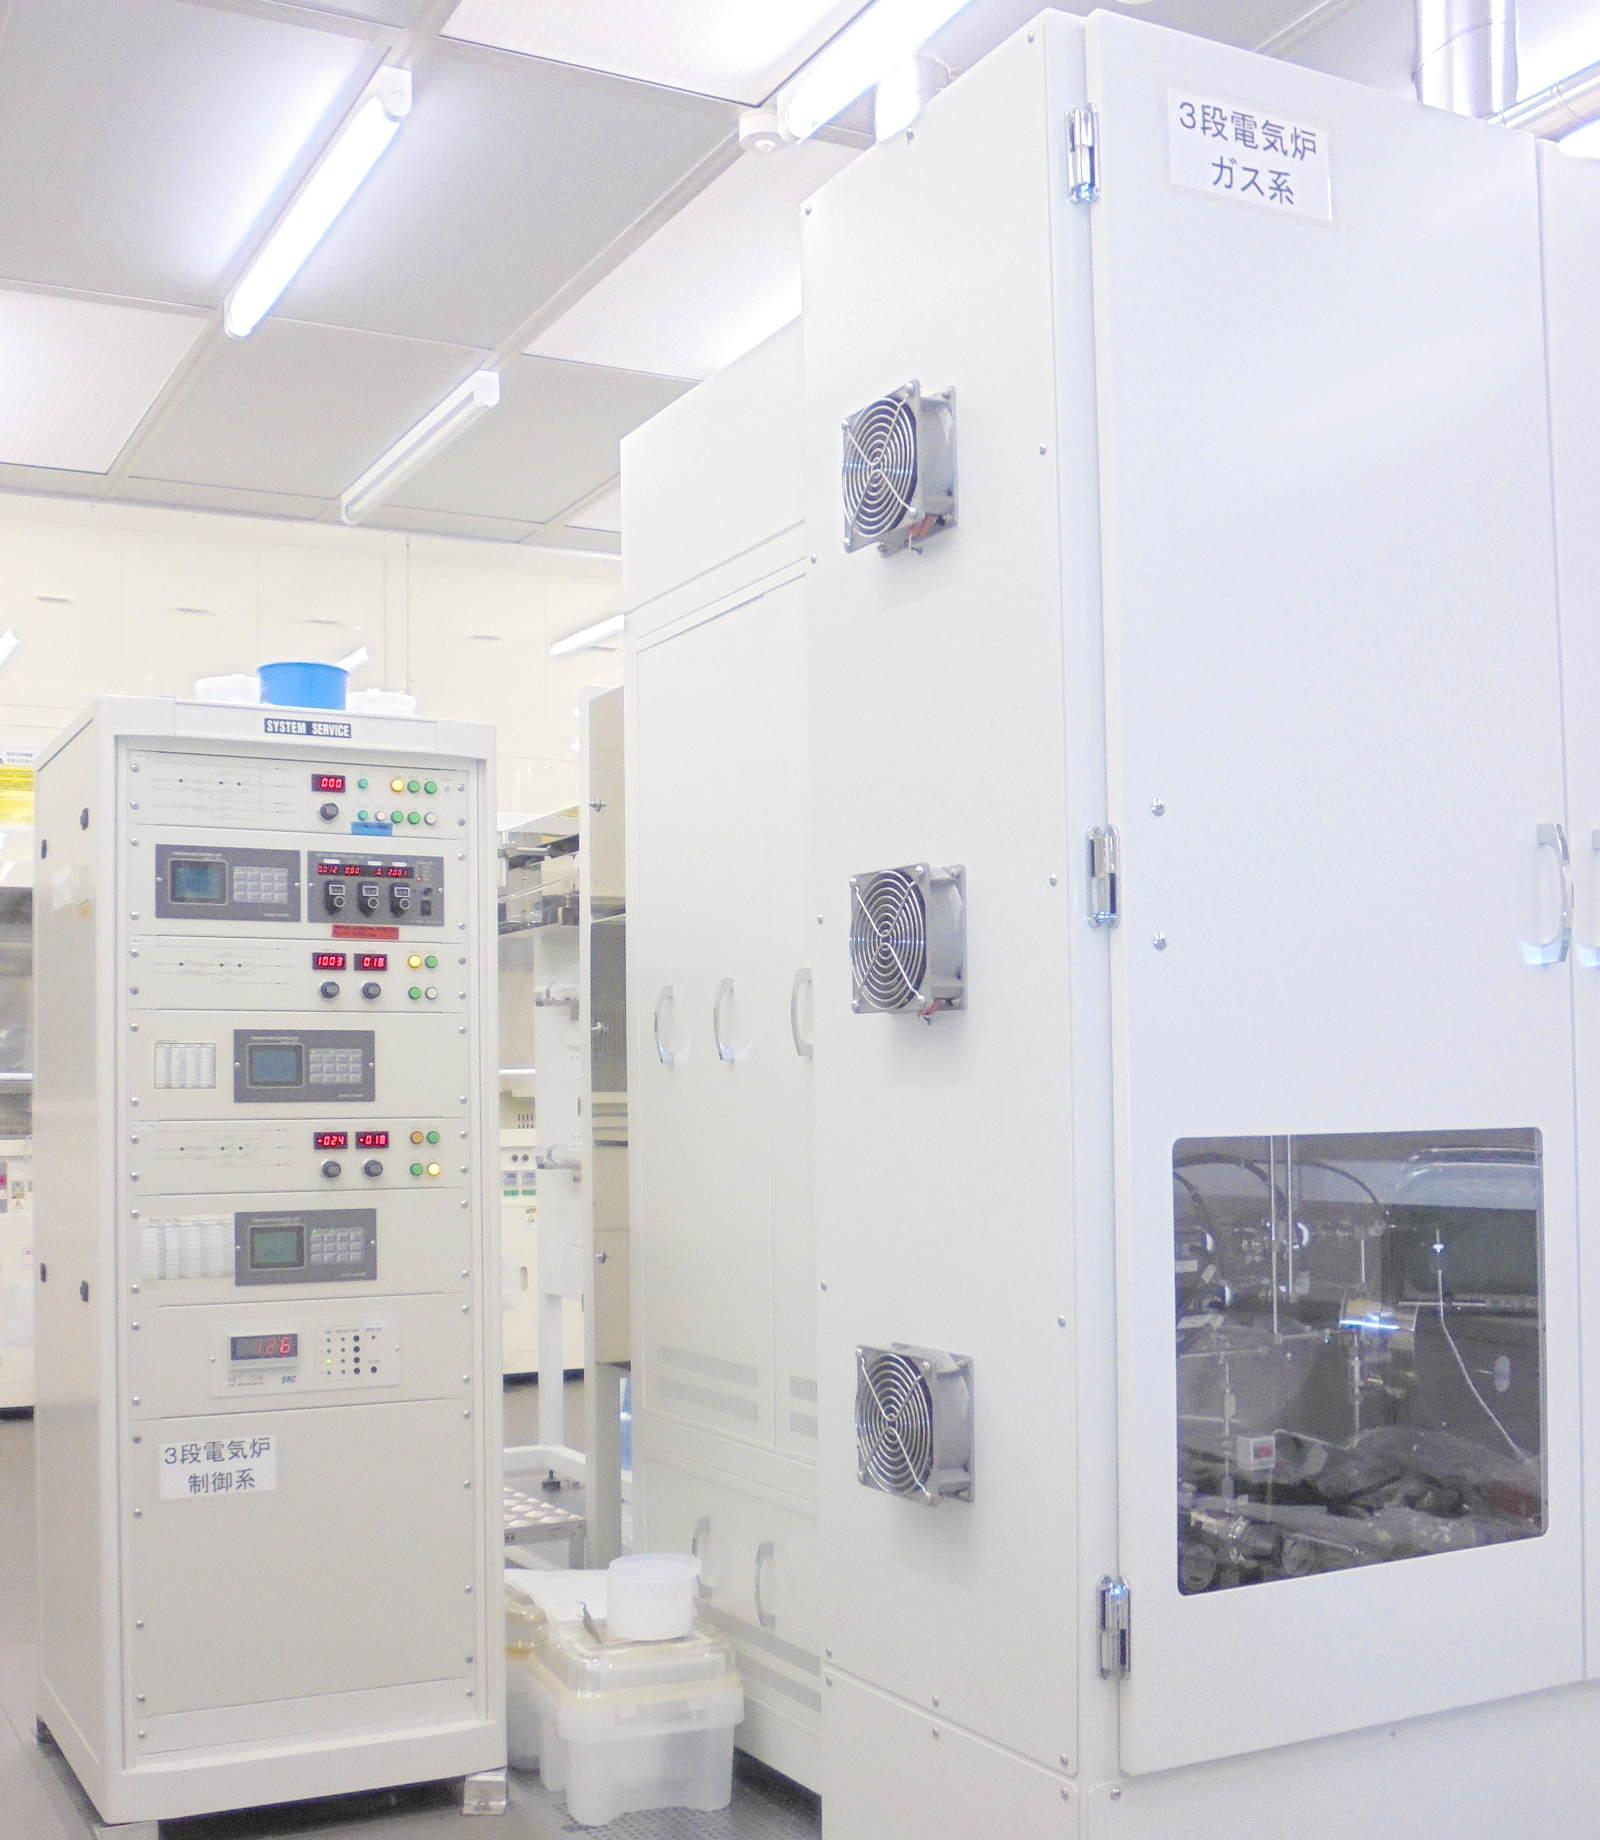 [587] ナノスピン熱処理装置(Si室) 画像